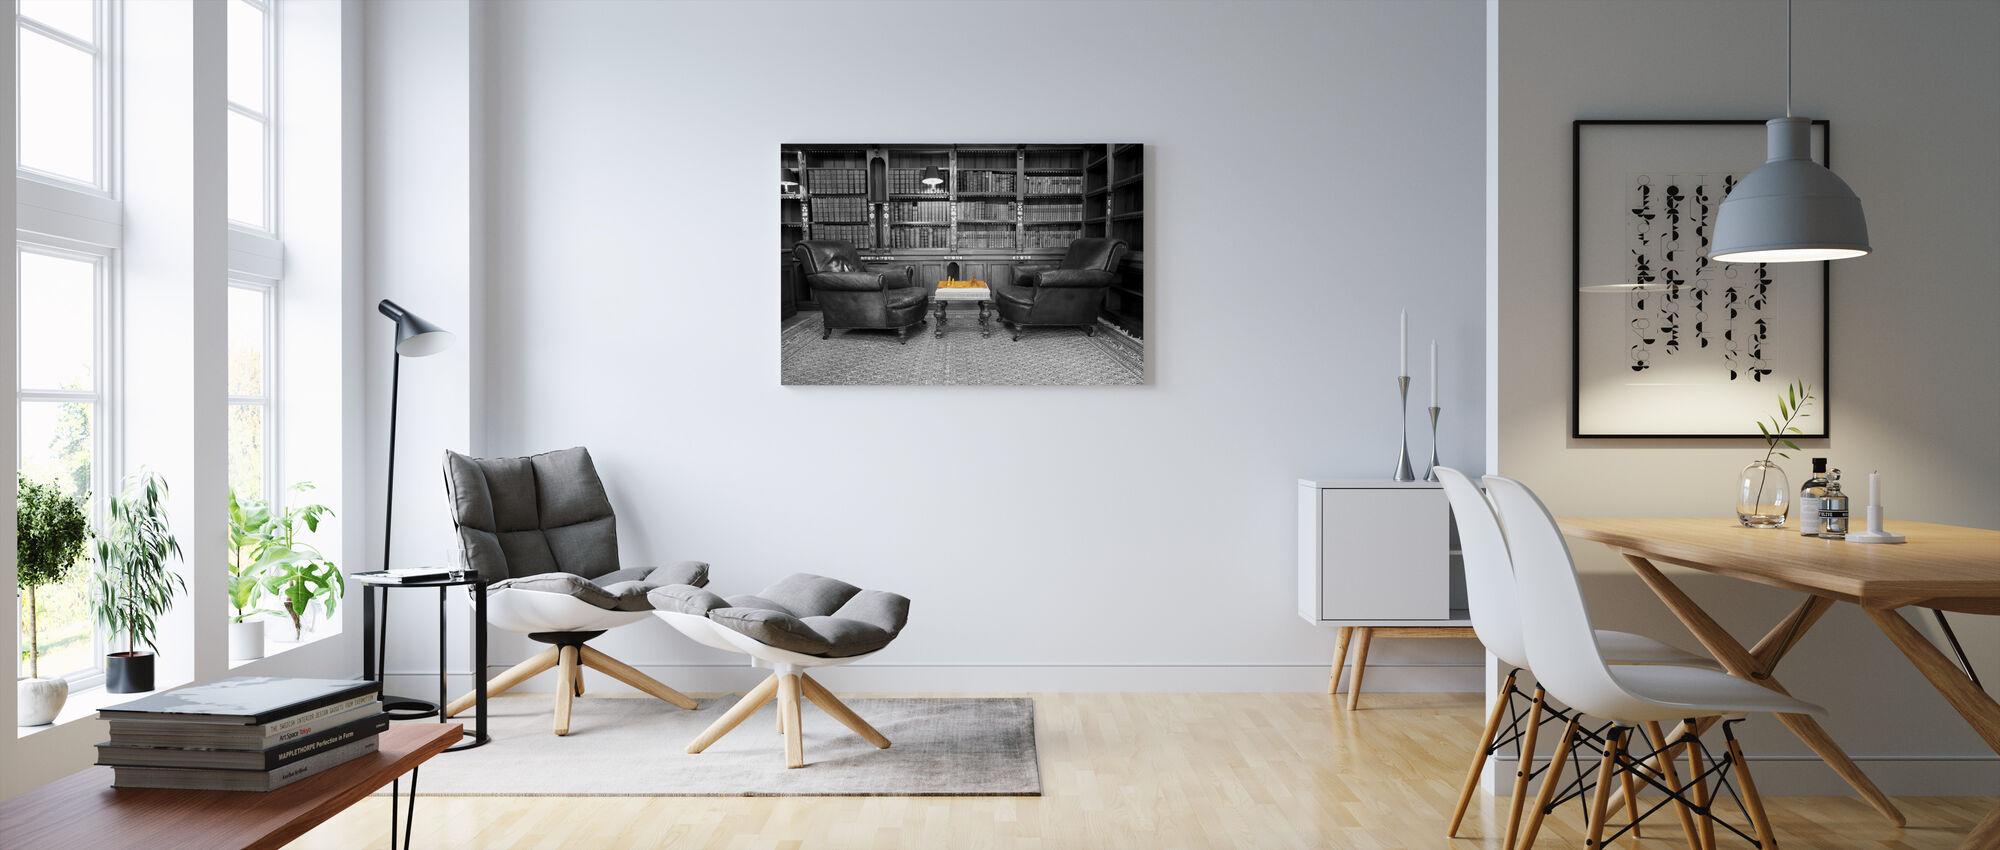 Oude Bibliotheek - Canvas print - Woonkamer